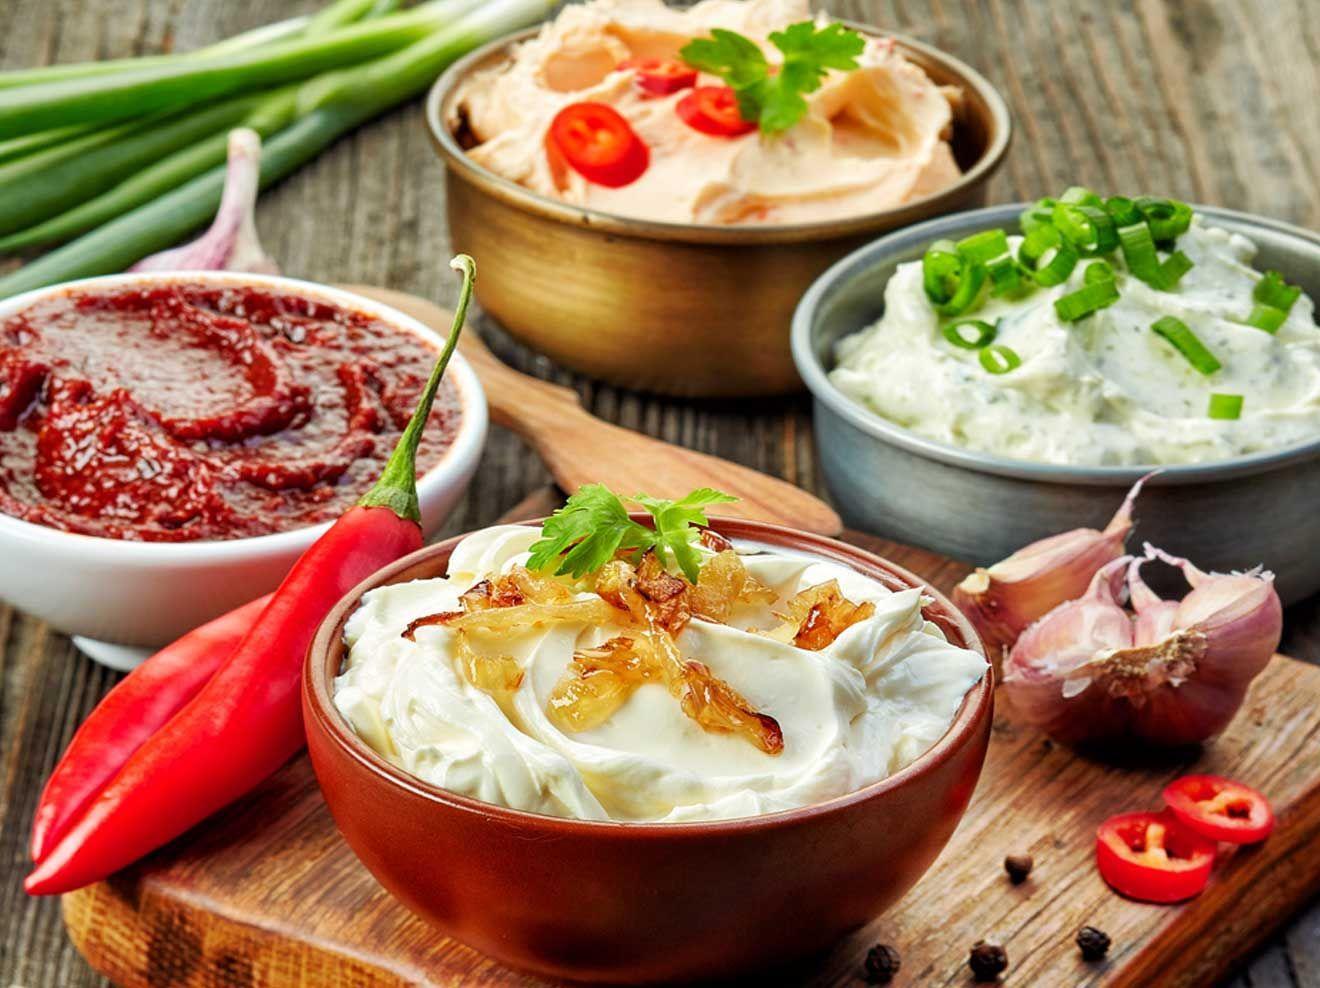 Grillsaucen selbst machen: 5 Dips und Soßen die du zum Grillen mitbringen kannst